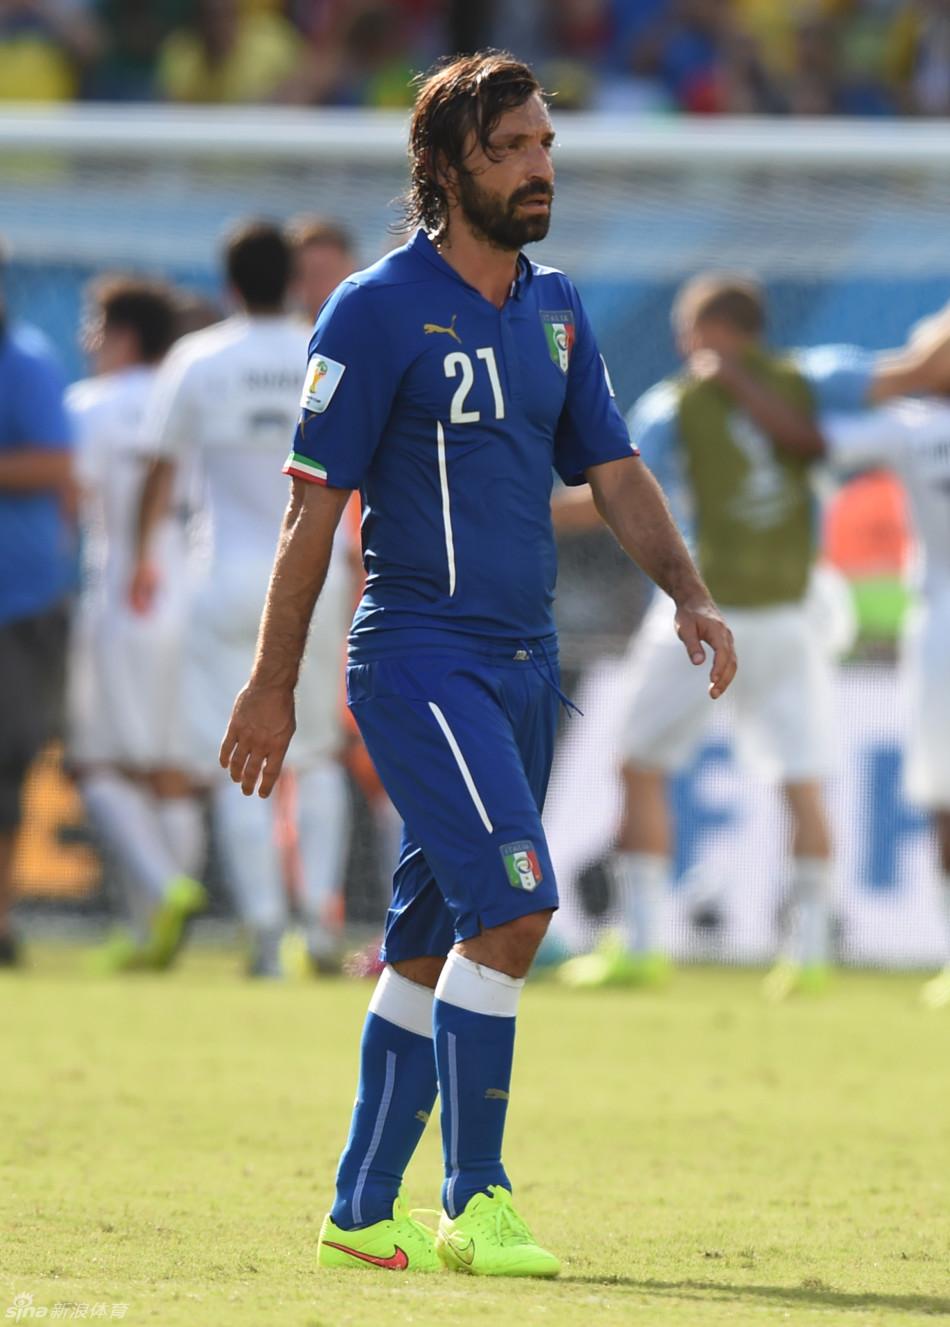 6月24日,意大利队球员安·皮尔洛(左)与对方球员拼抢。